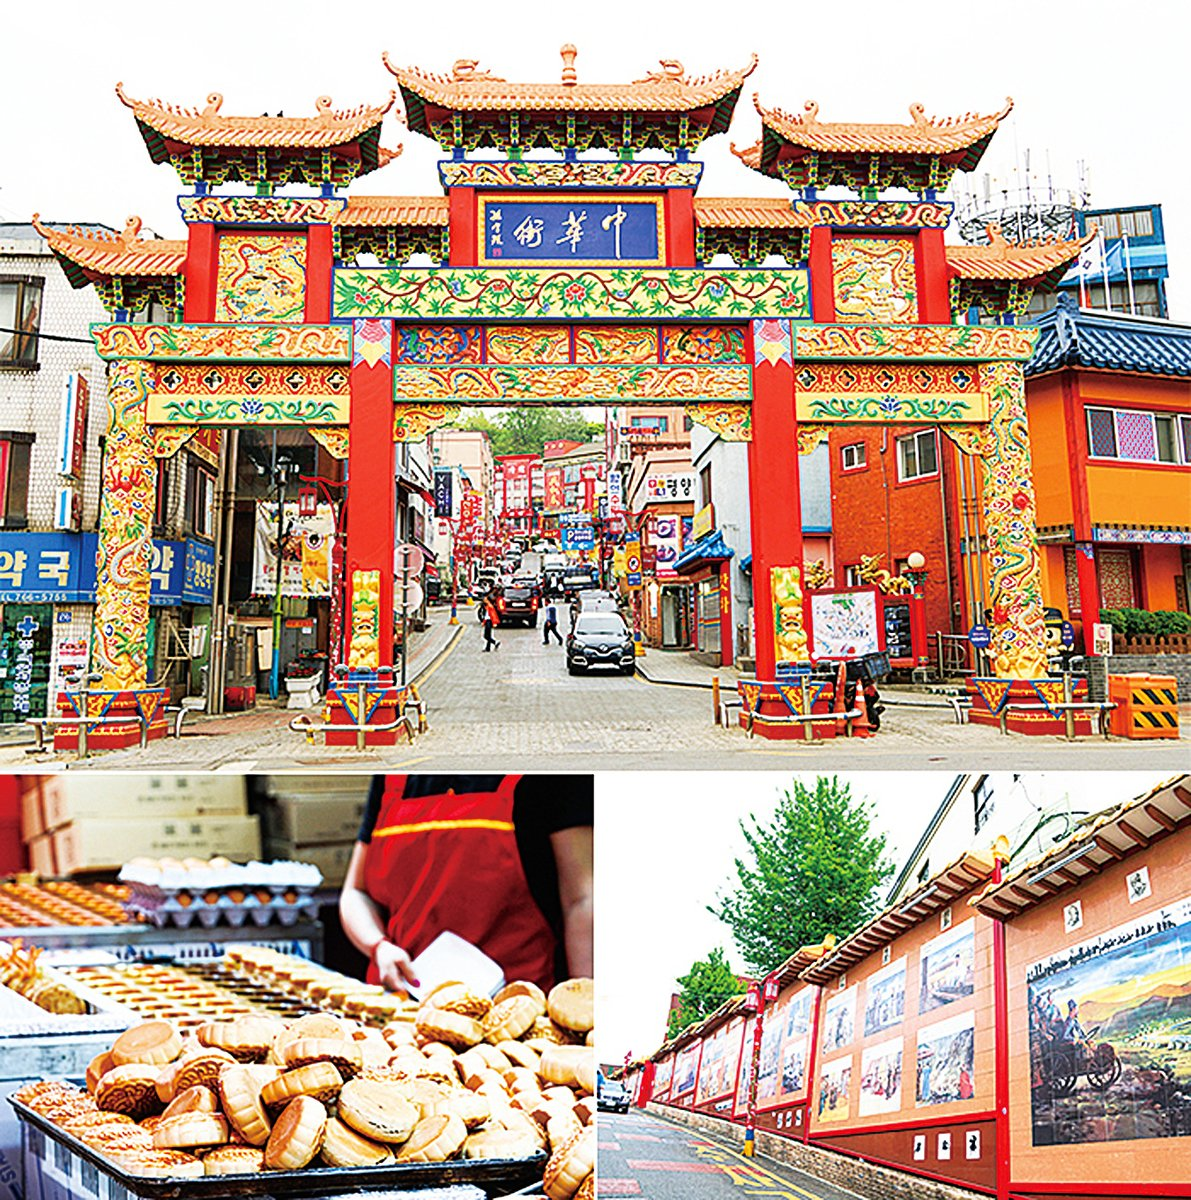 上圖:仁川中國城第一牌樓;左下圖:街上販賣的中式點心;右下圖:三國誌壁畫街。